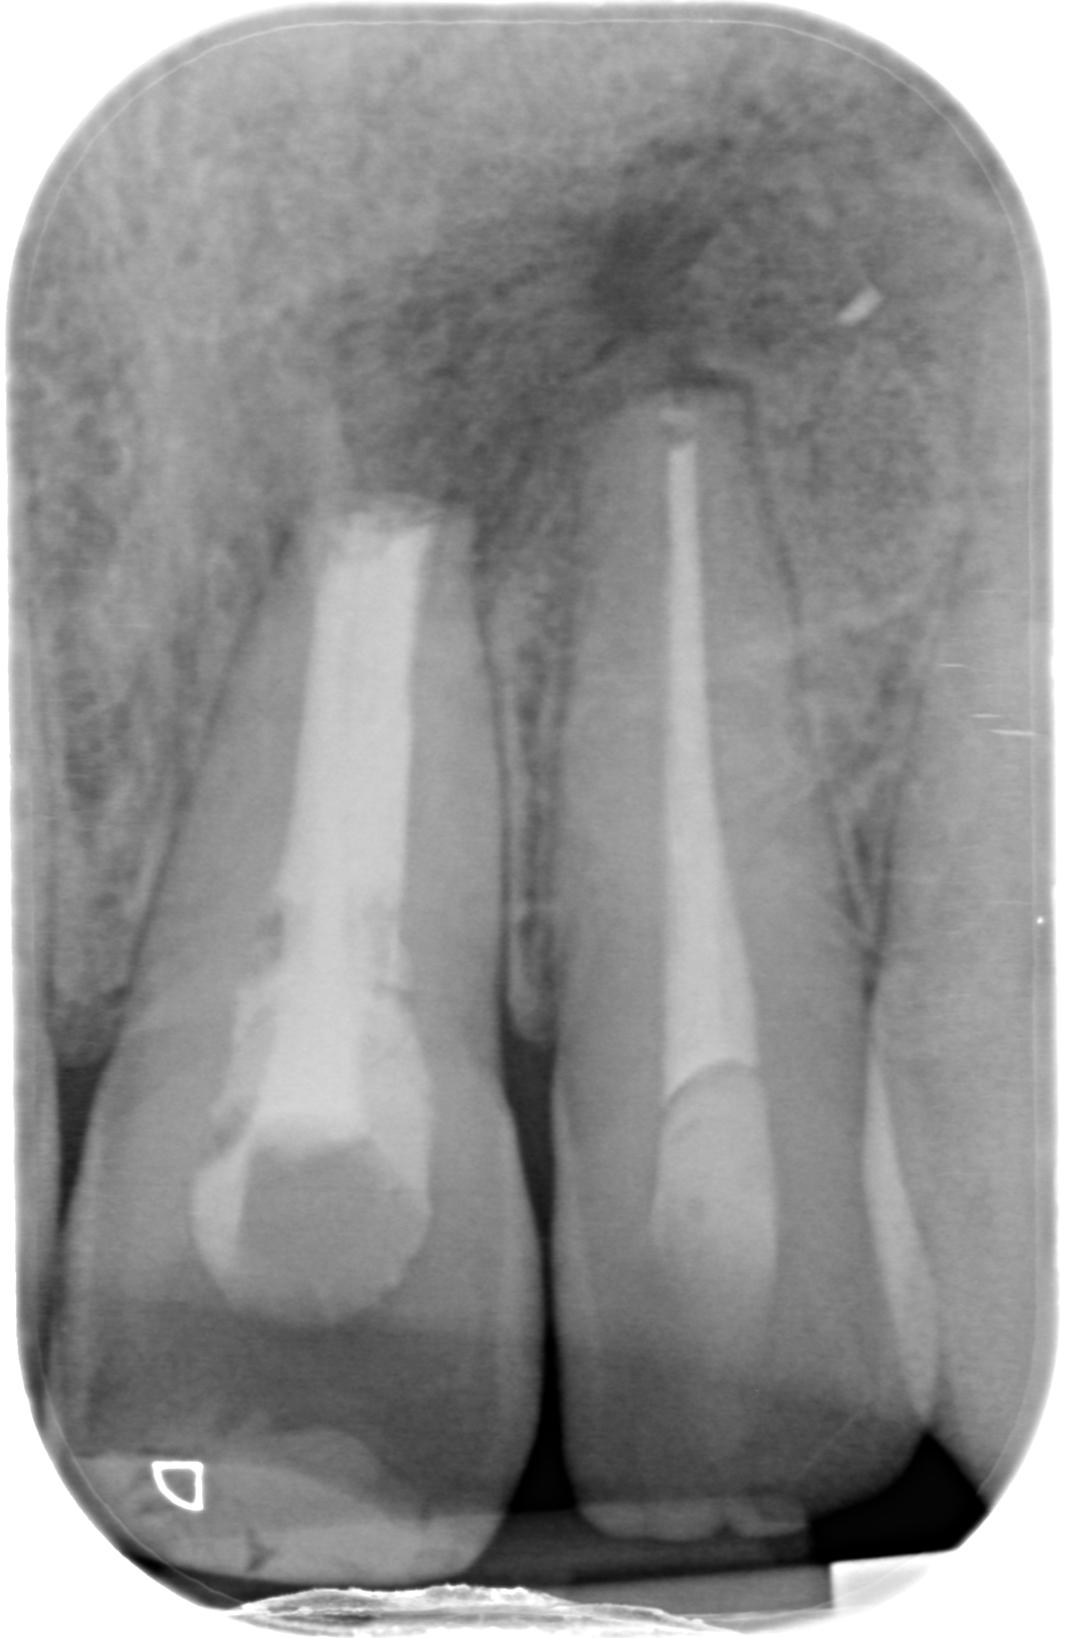 La percentuale d'osso formatasi fa ben sperare per una possibile guarigione?